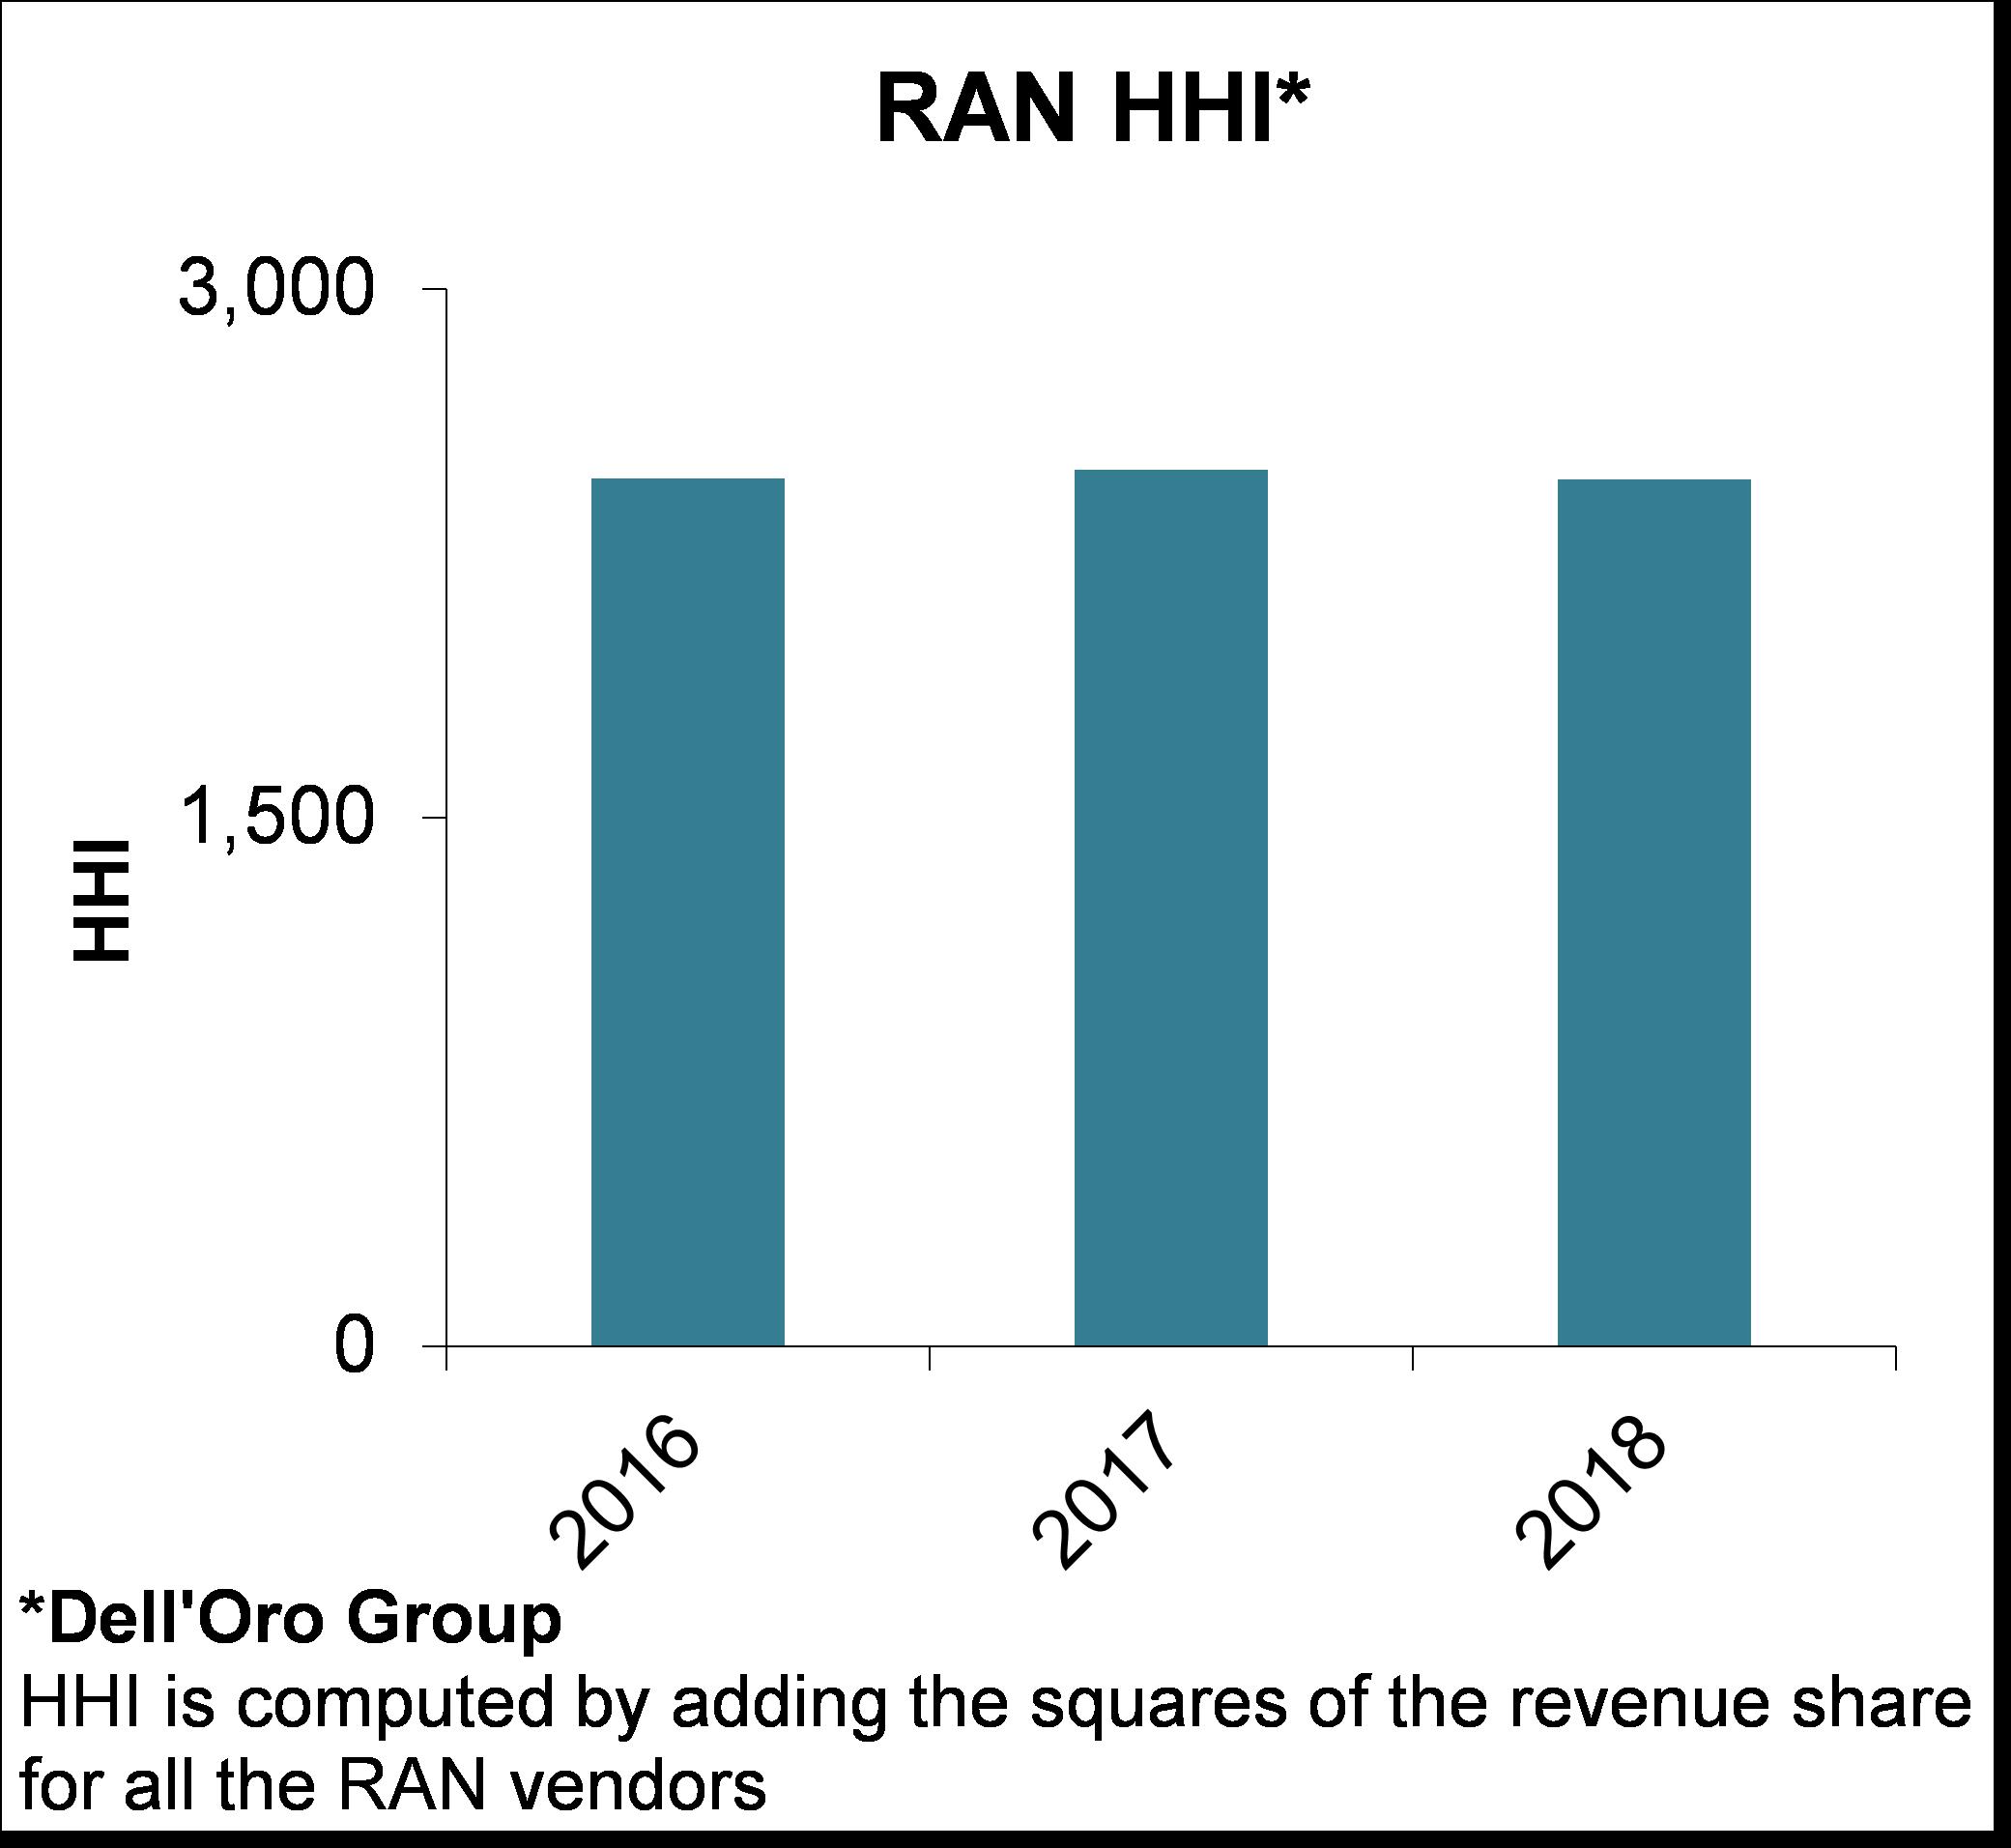 Dell'Oro 5G RAN HHI Chart